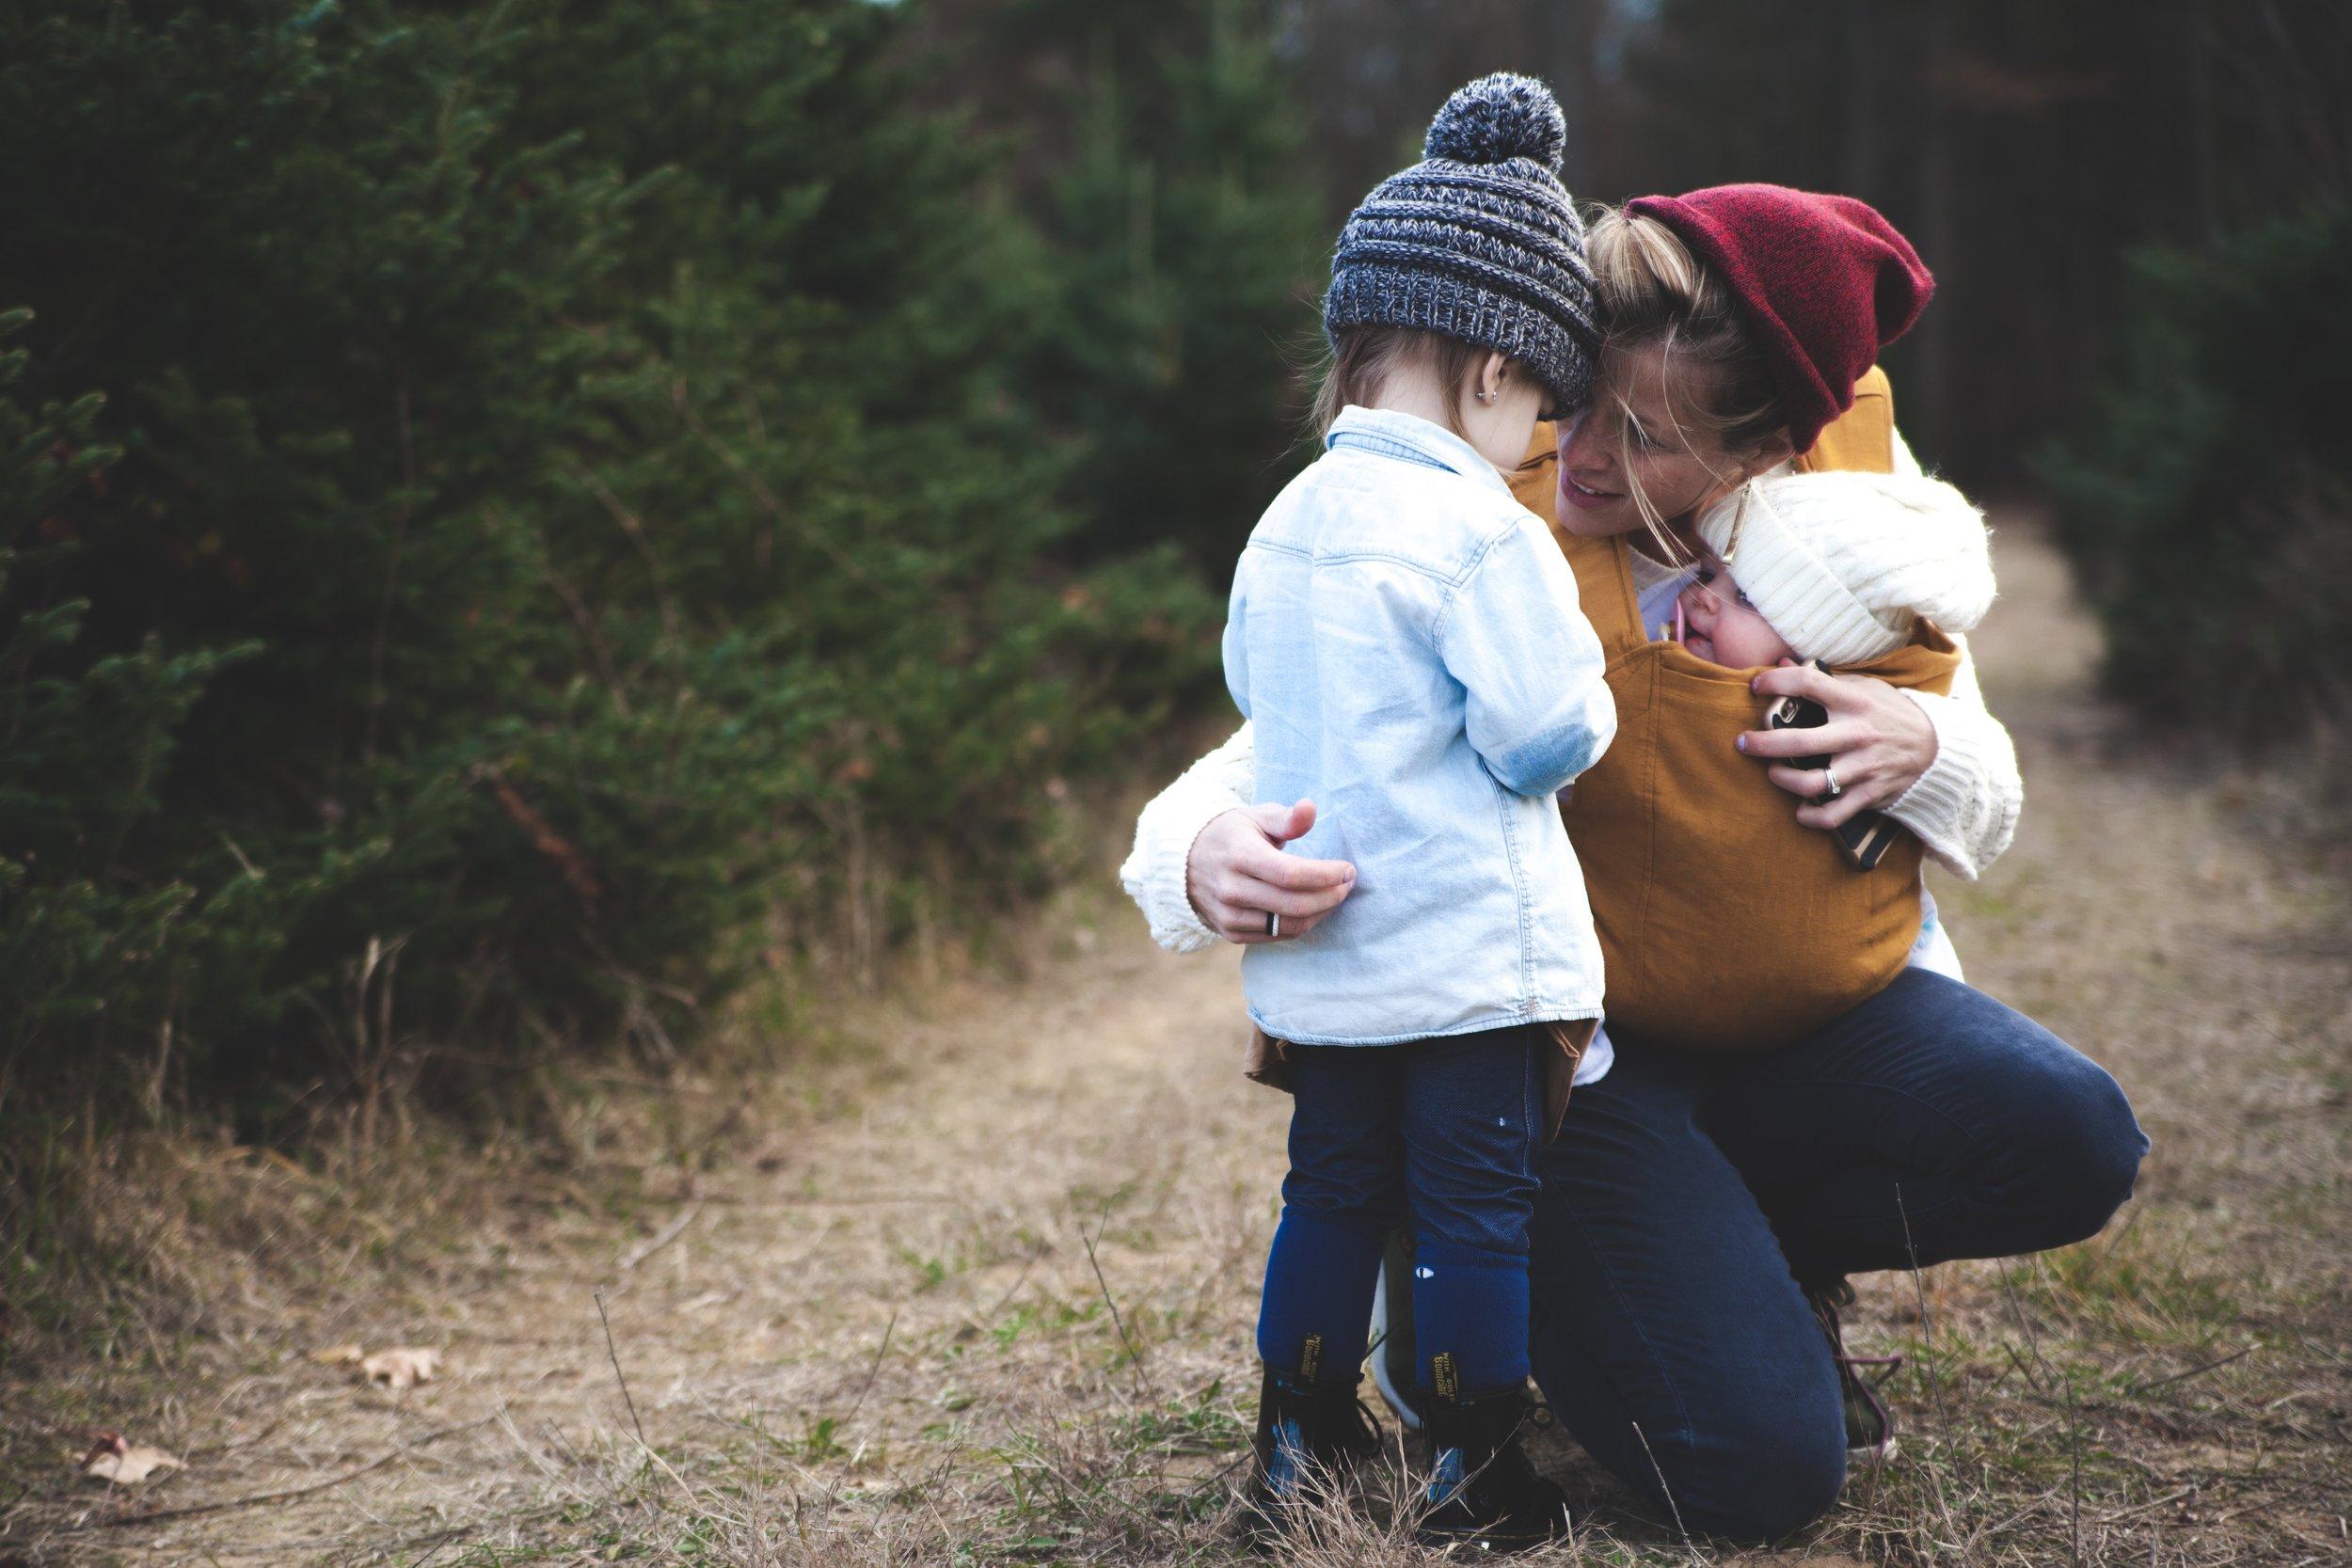 adult-baby-children-701014.jpg